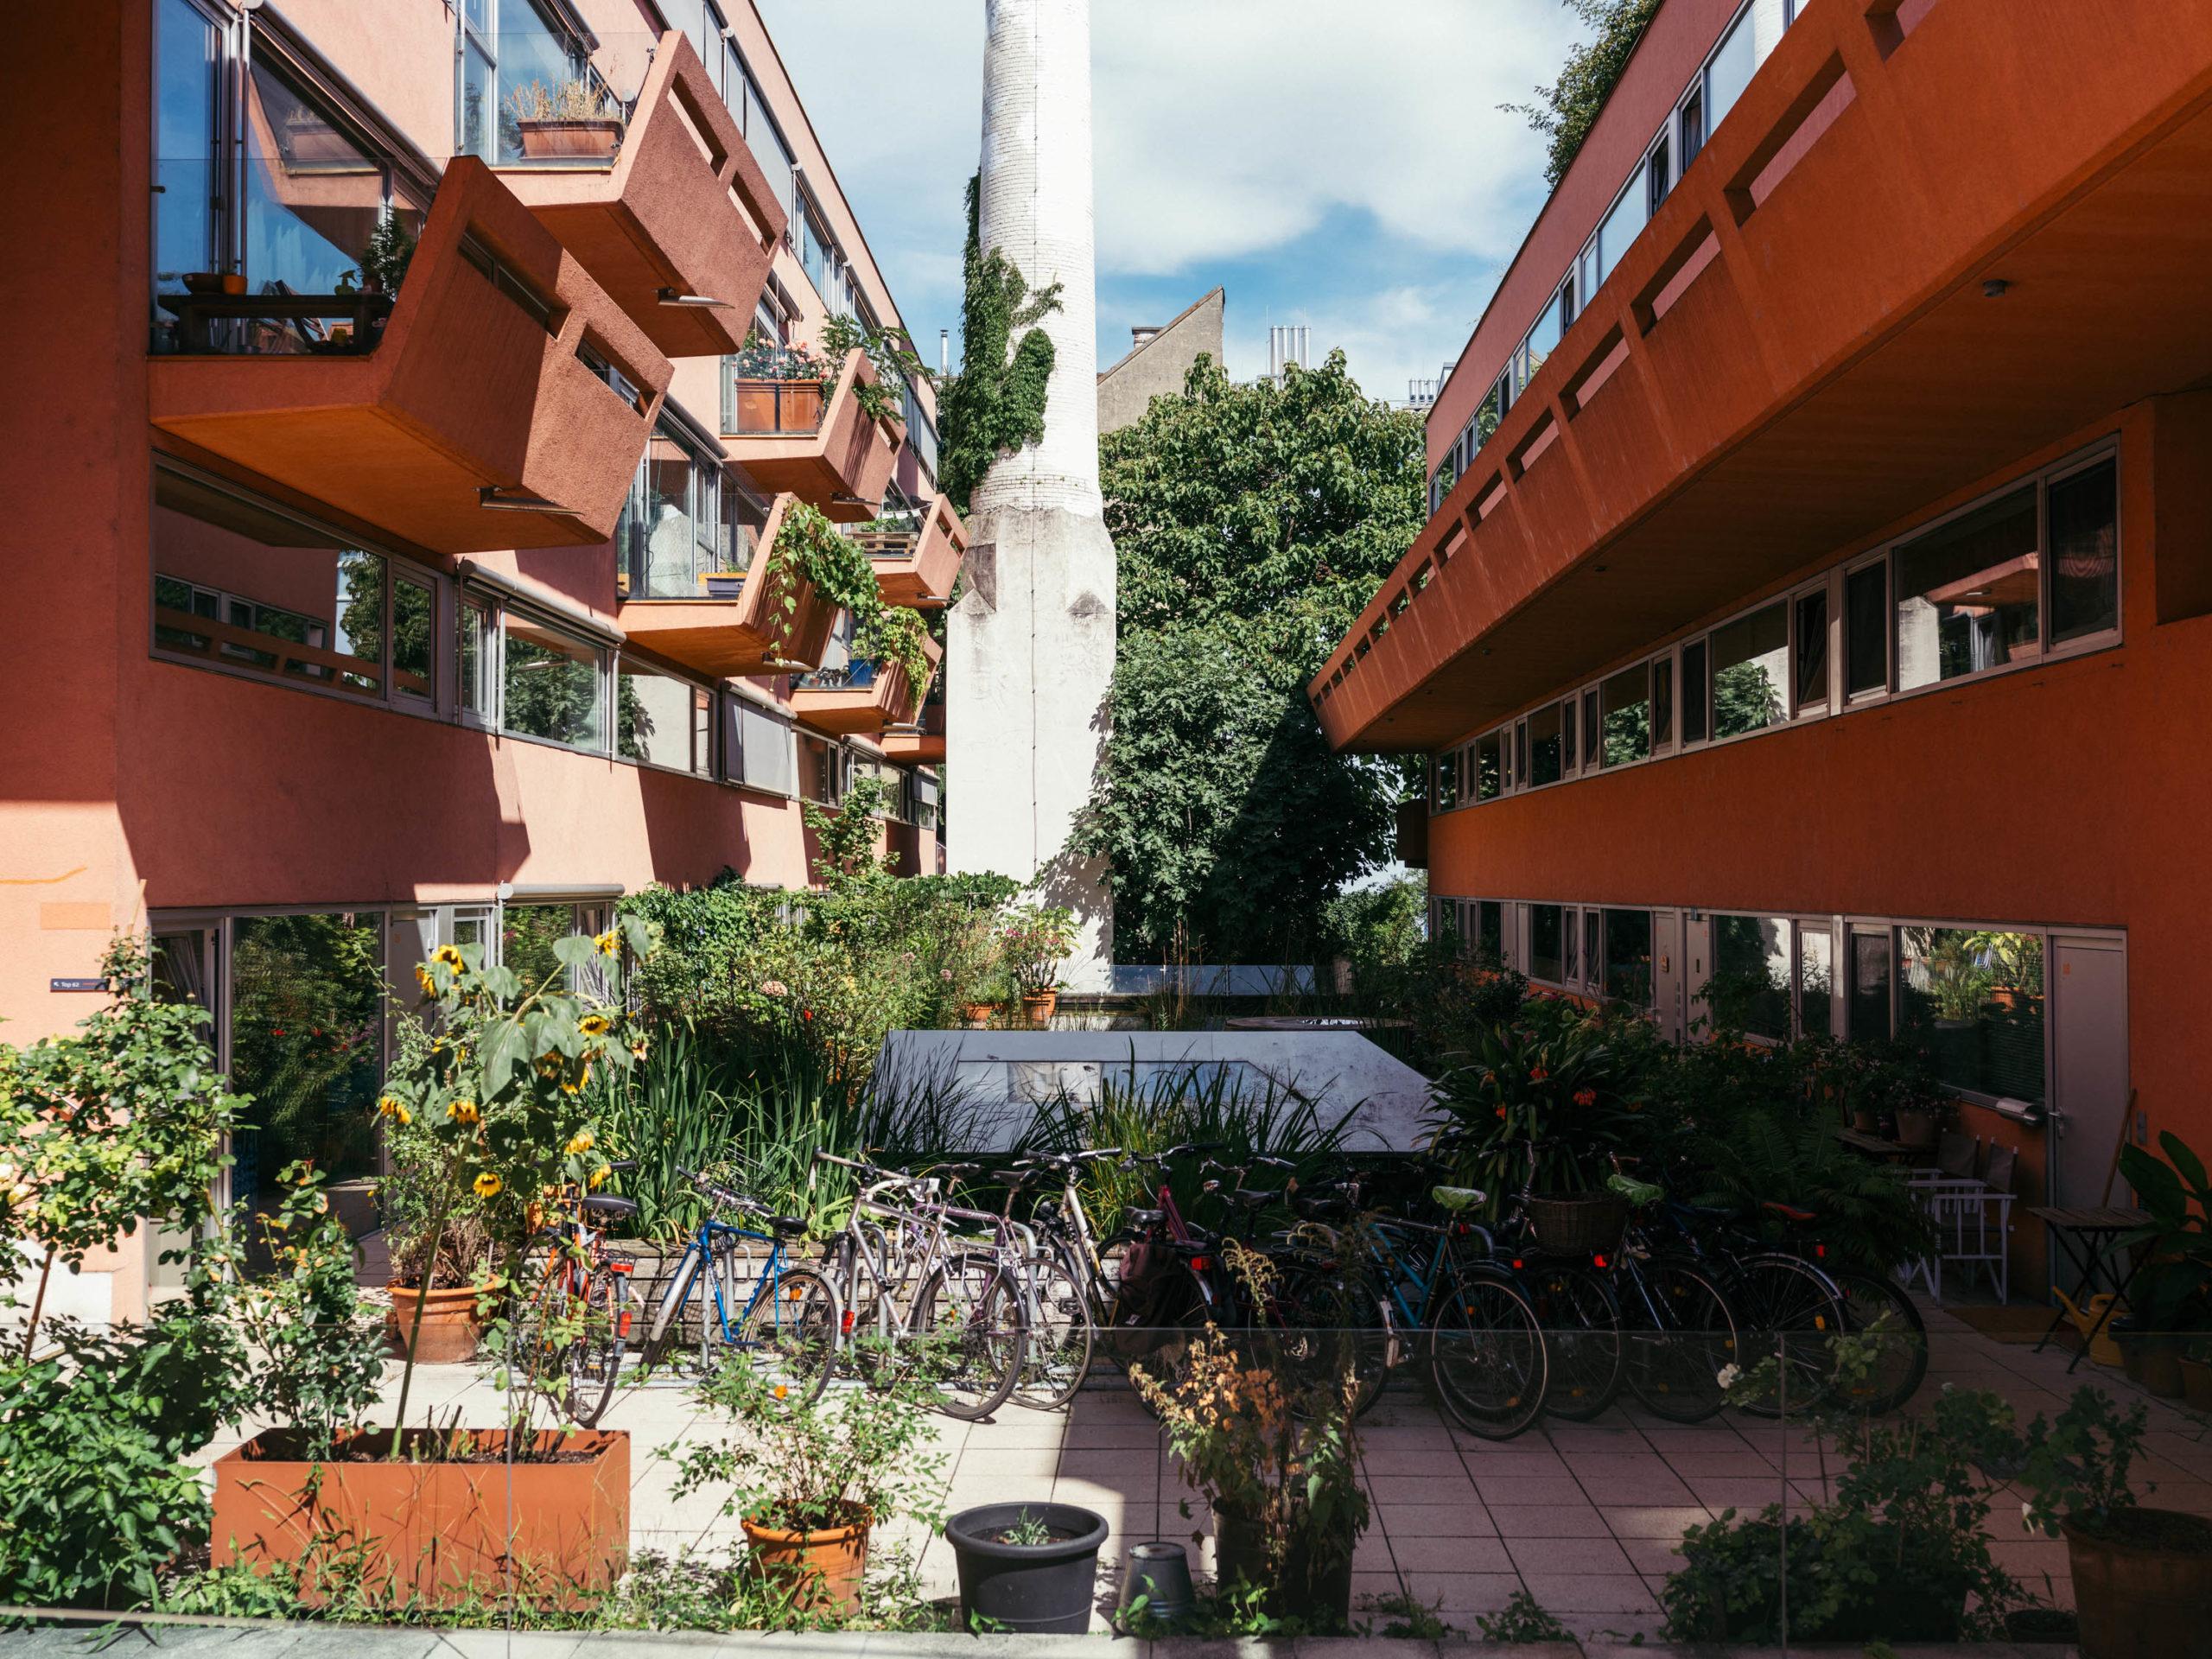 Wohnprojekt Sargfabrik im 14. Wiener Bezirk